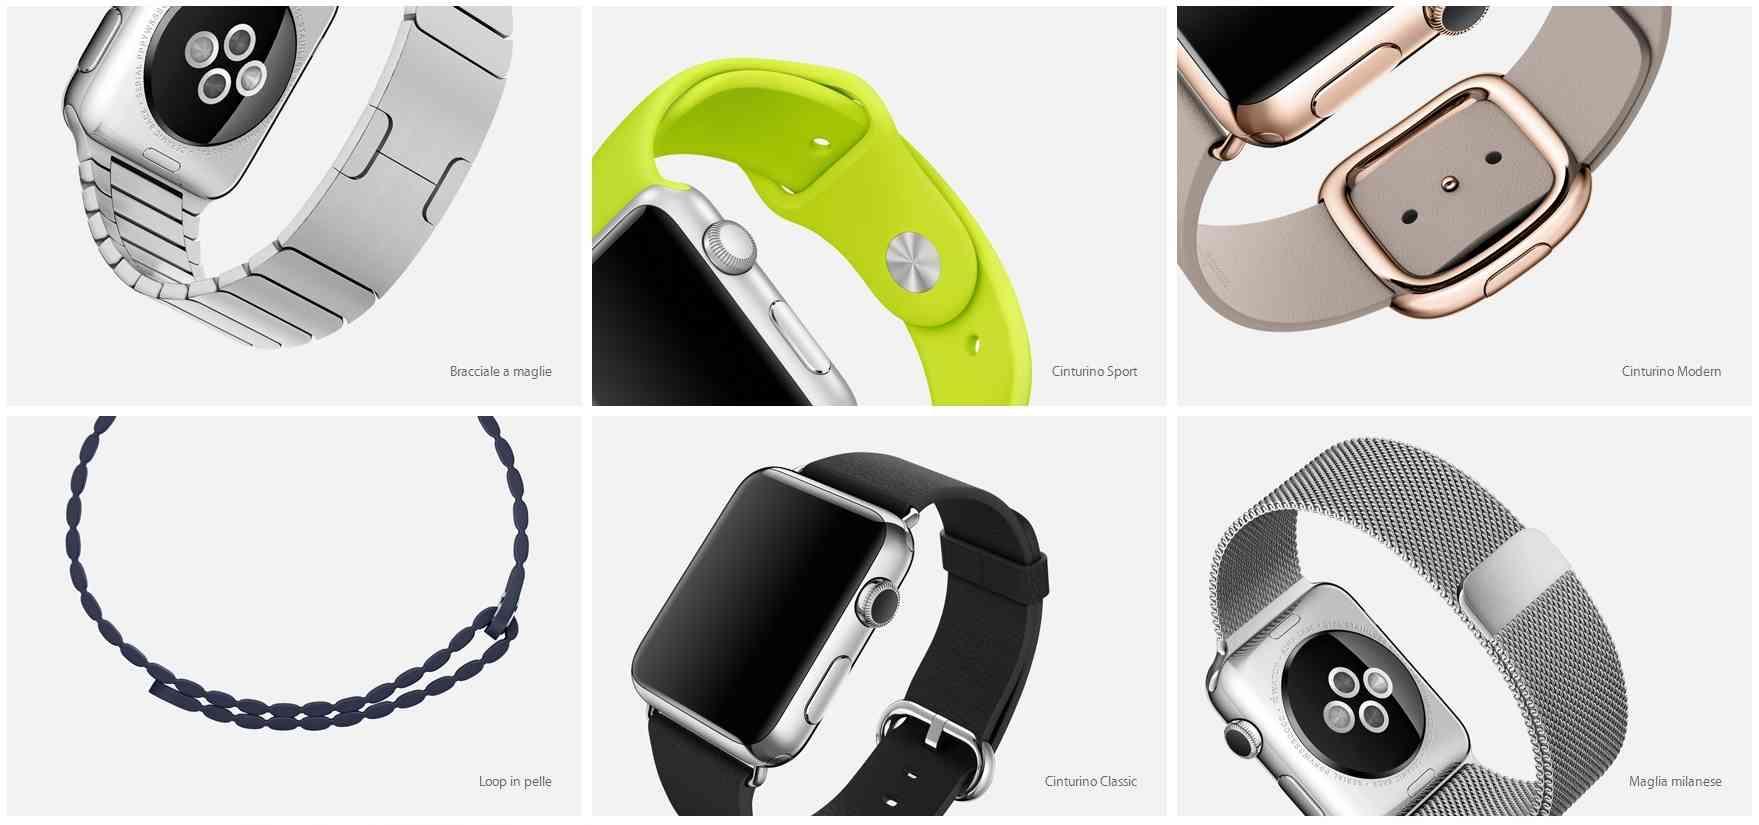 Apple-Watch-cinturini-materiali-e-foggie